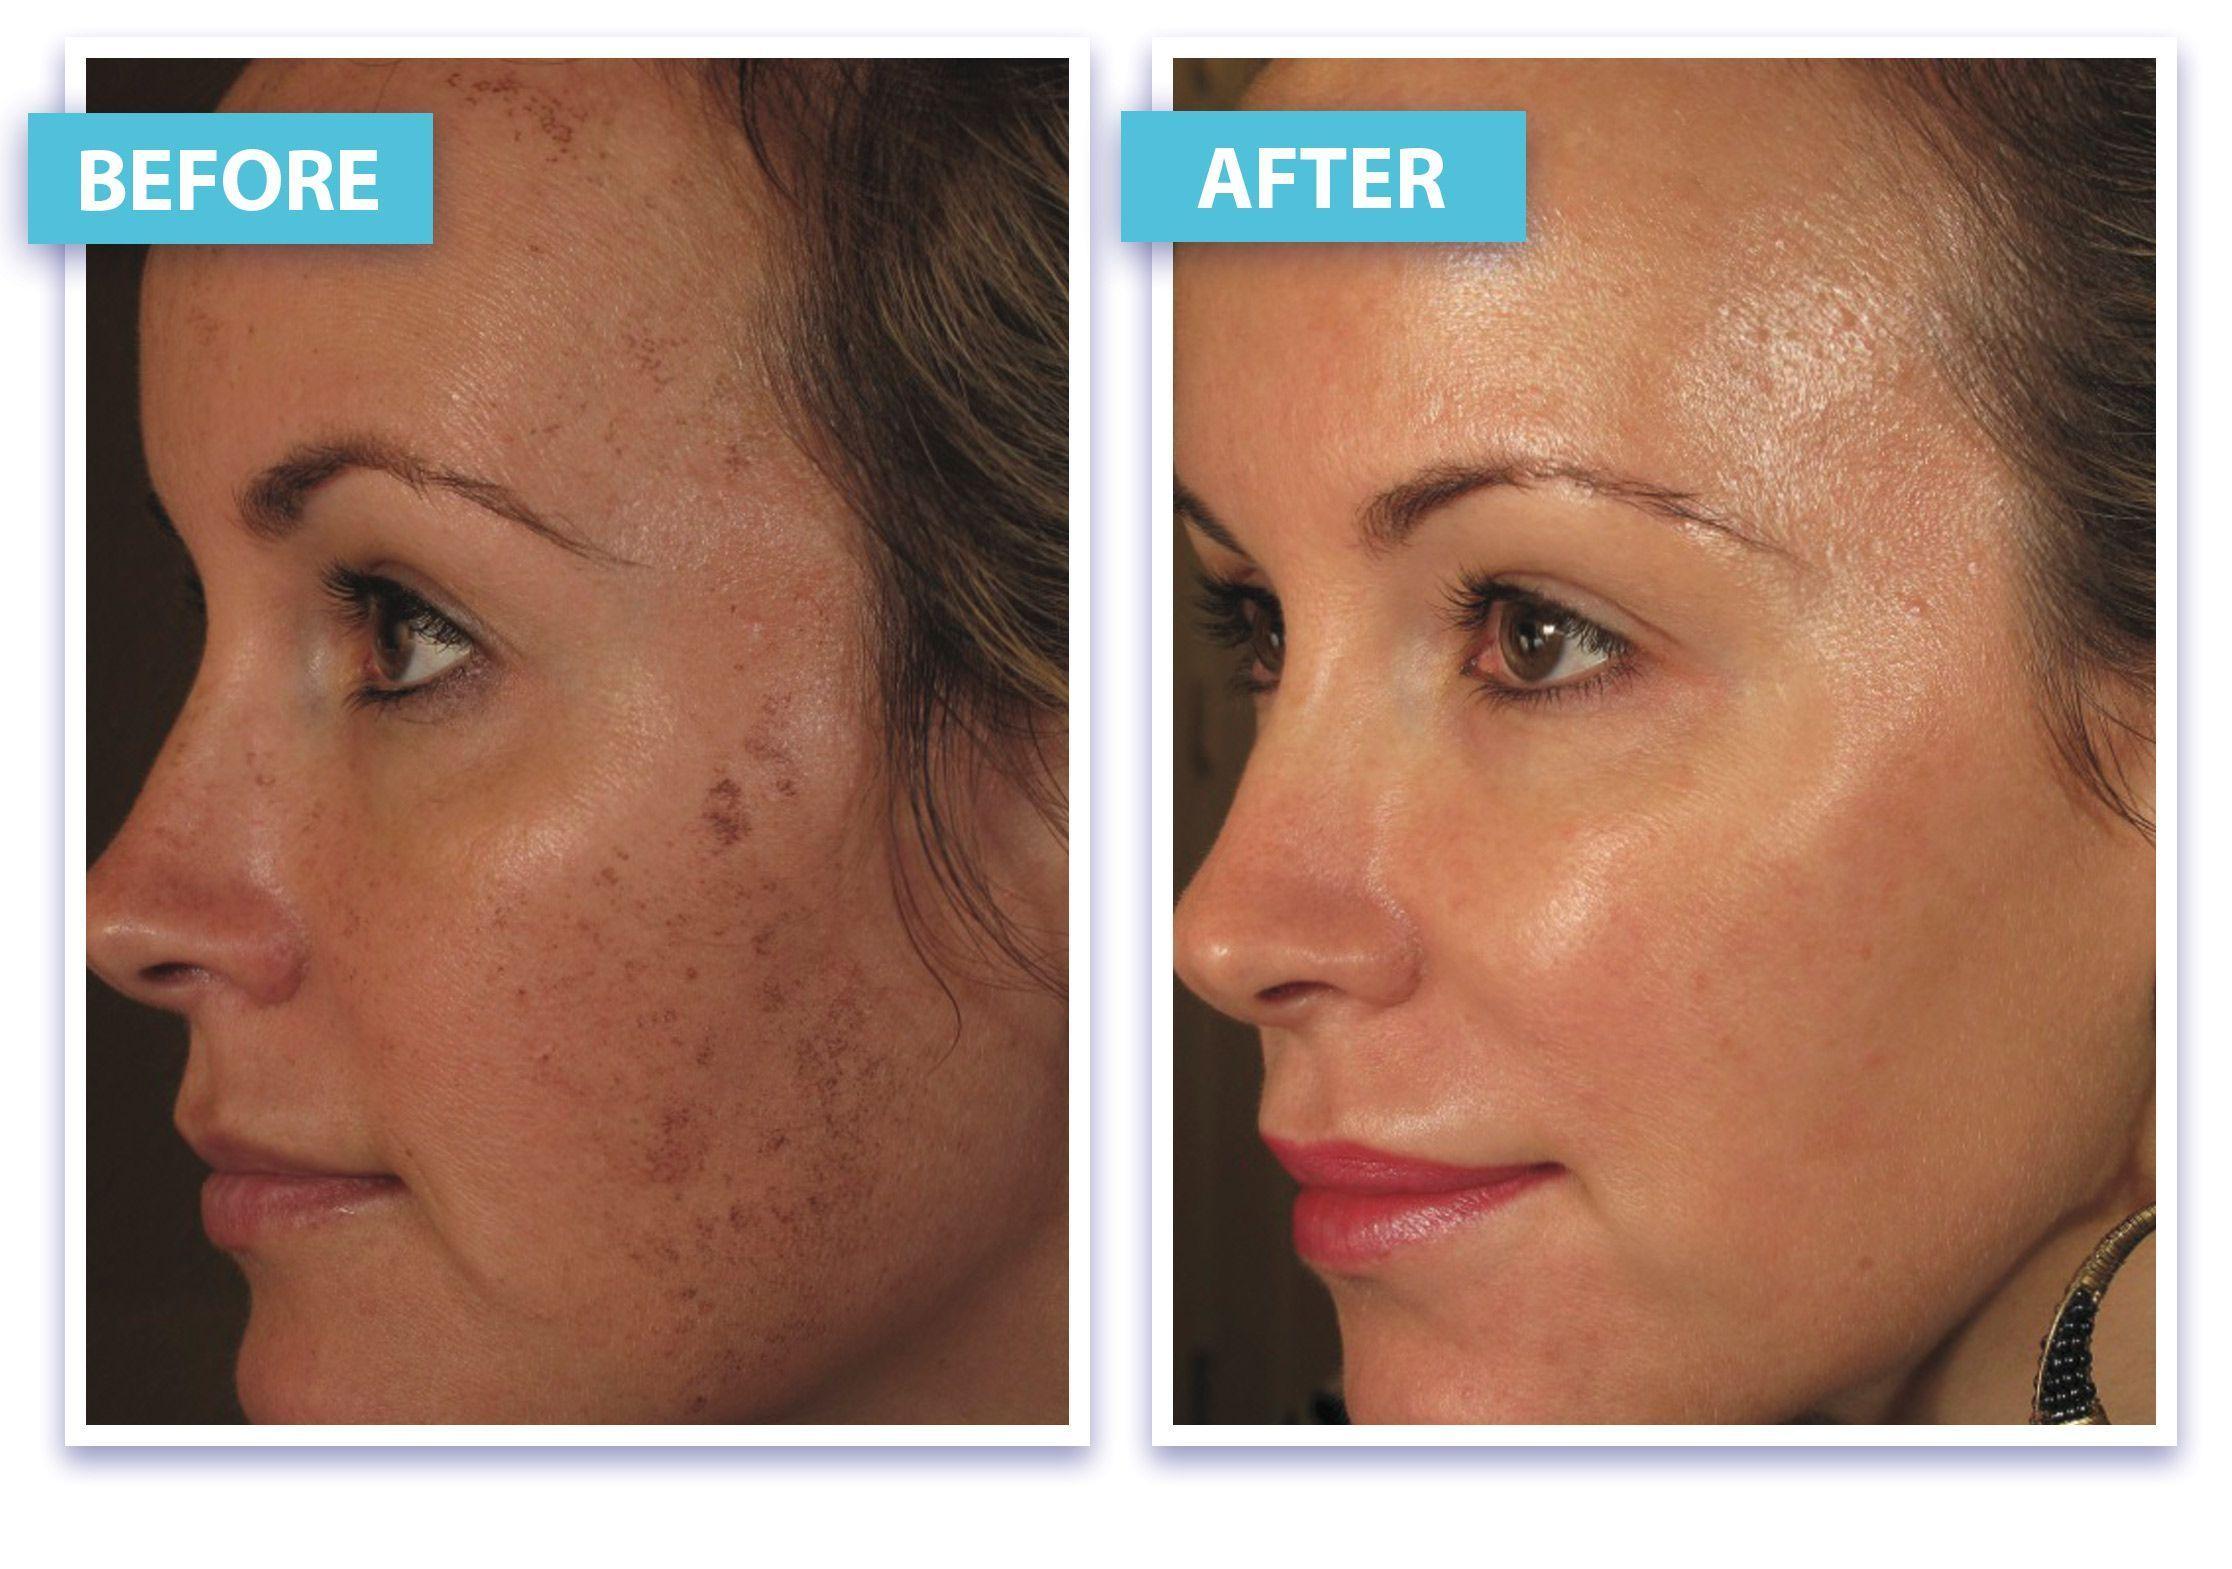 Before And After Laser Skin Rejuvenation Skincareforagingskin Antiagingbeautyskincare Laser Skin Rejuvenation Natural Skin Tightening Laser Skin